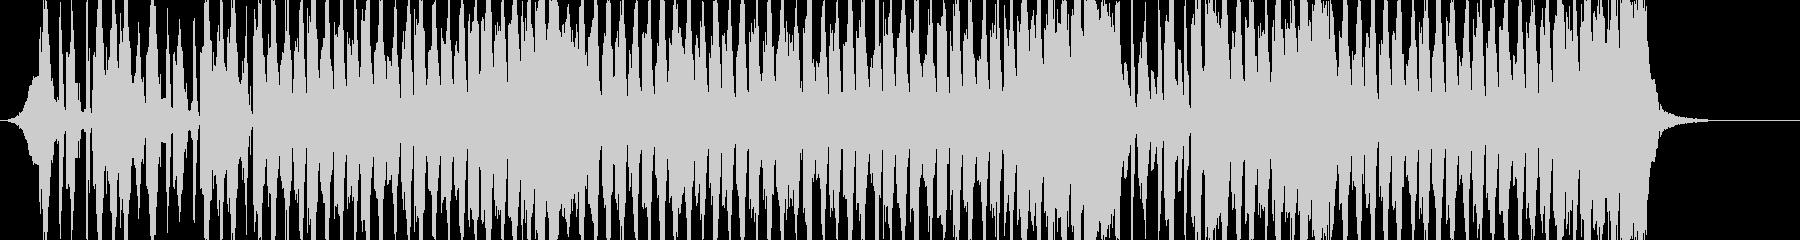 煽りEDM版アイネクライネナハトムジークの未再生の波形